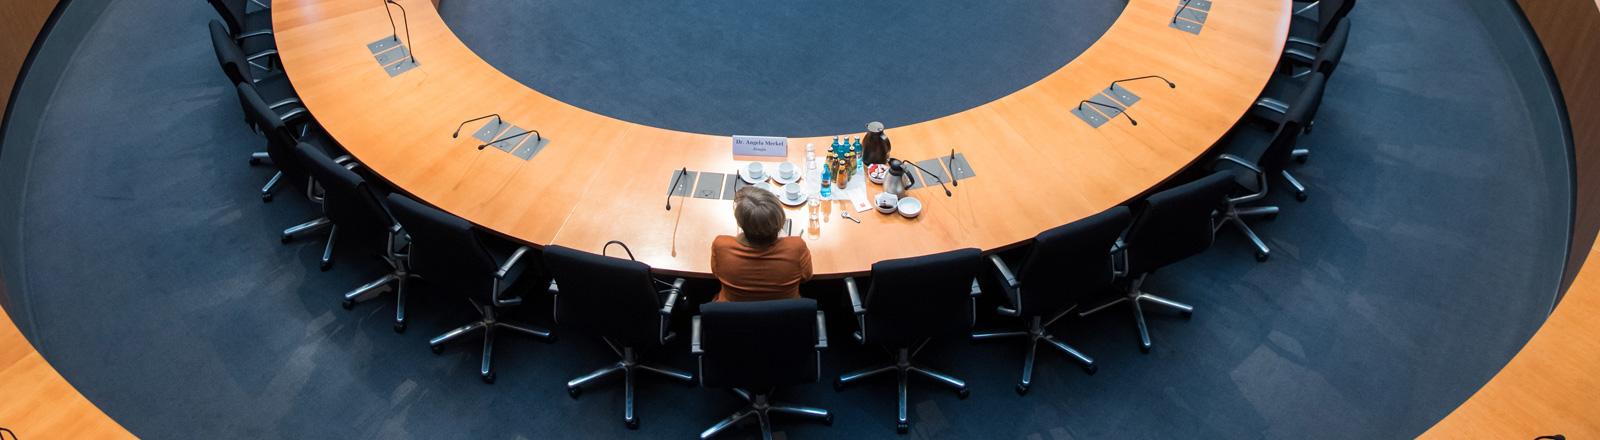 Bundeskanzlerin Angela Merkel sitzt vor dem NSA-Untersuchungsausschuss im Deutschen Bundestag.